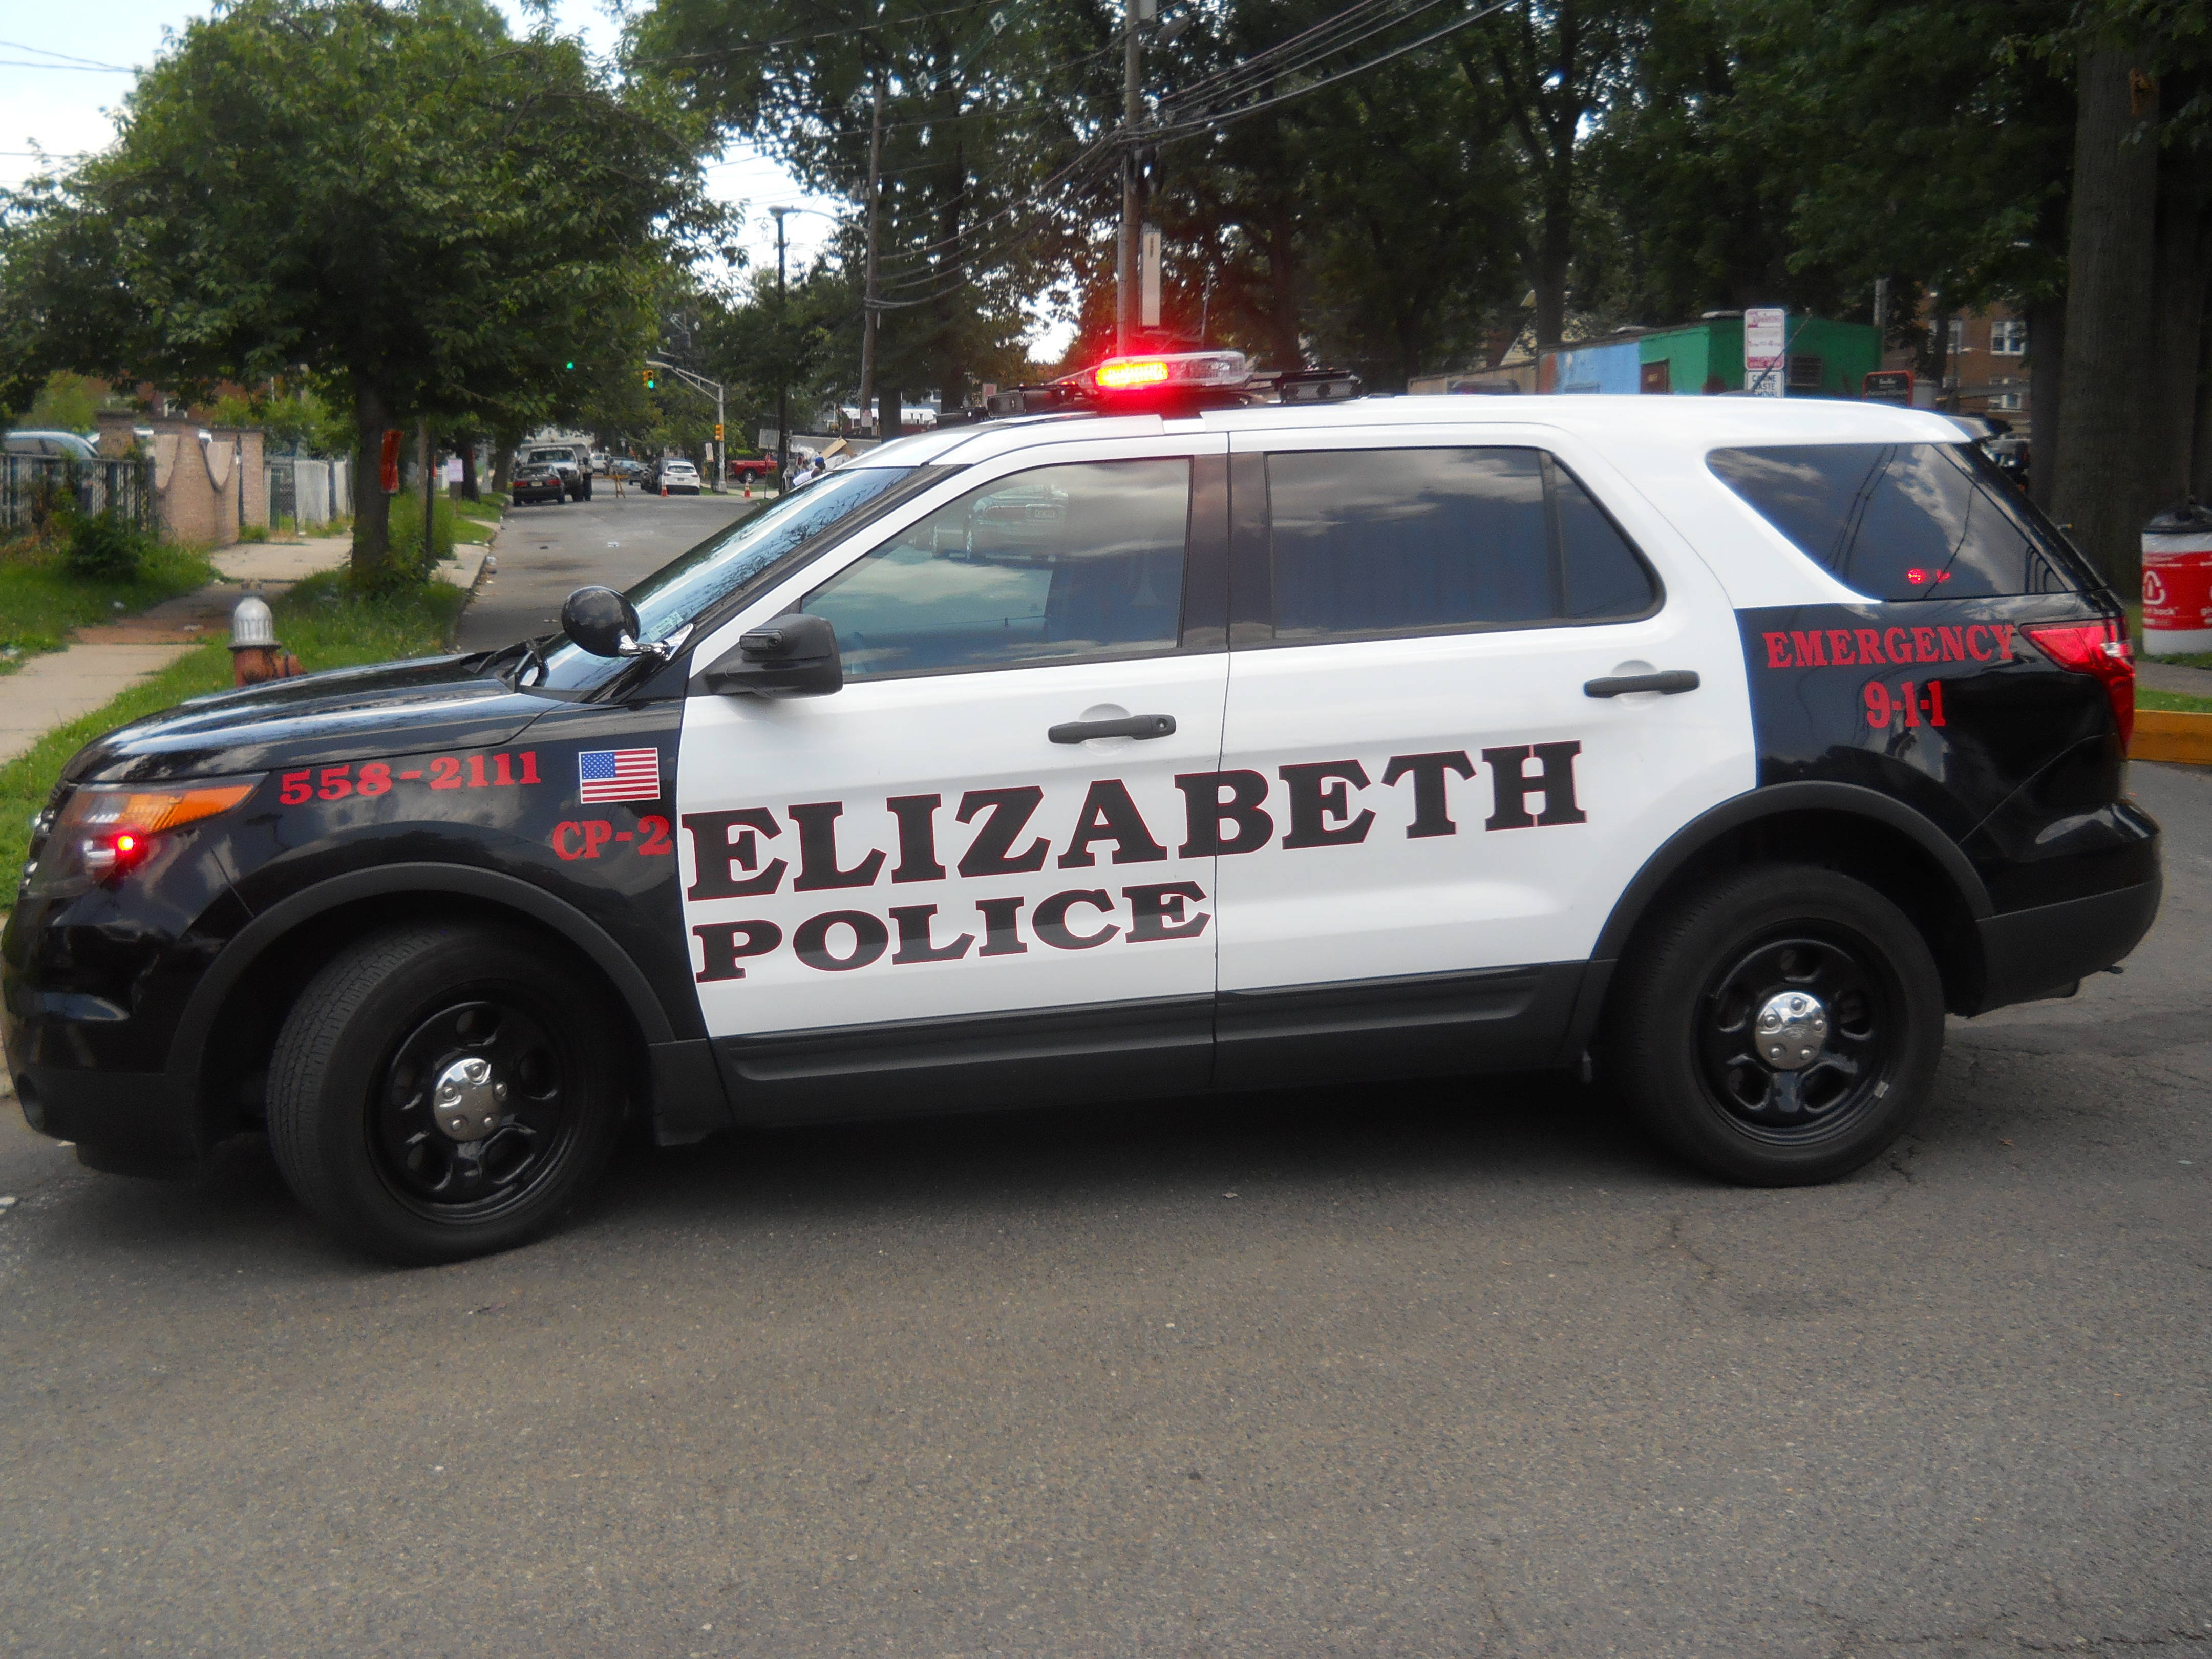 405d95a1d899fd54120f_Police_Car.jpg